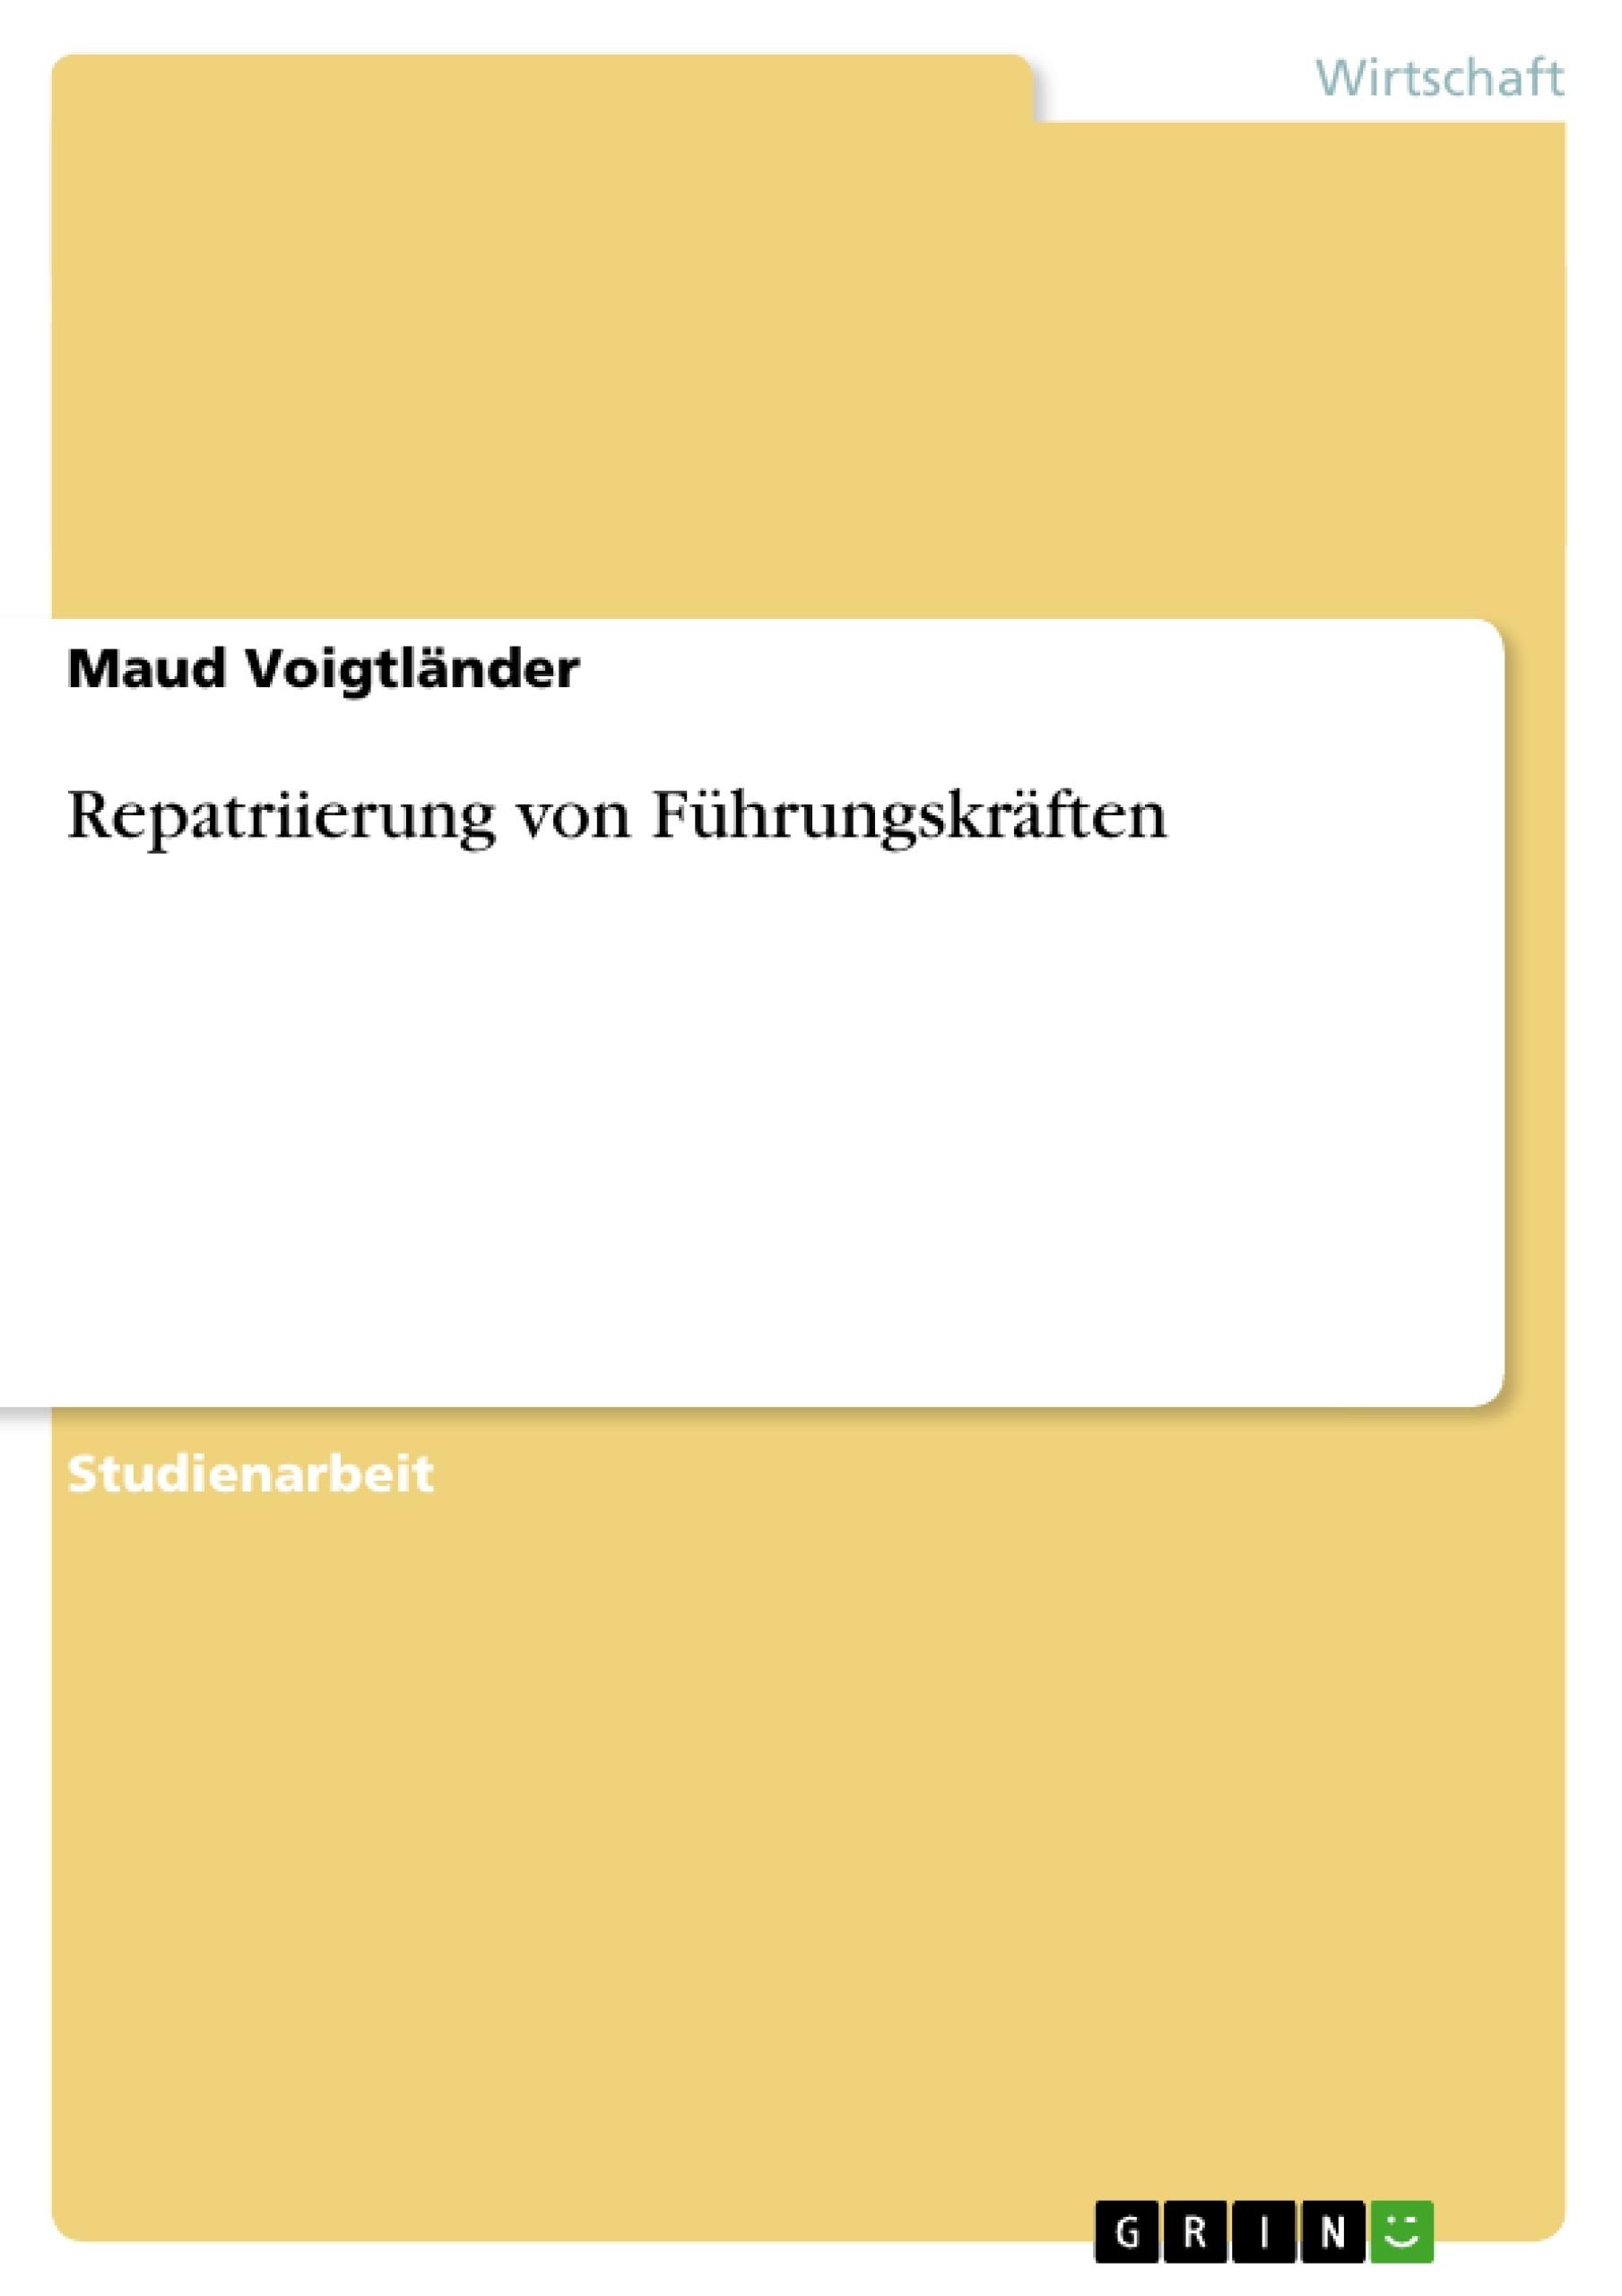 Titel: Repatriierung von Führungskräften